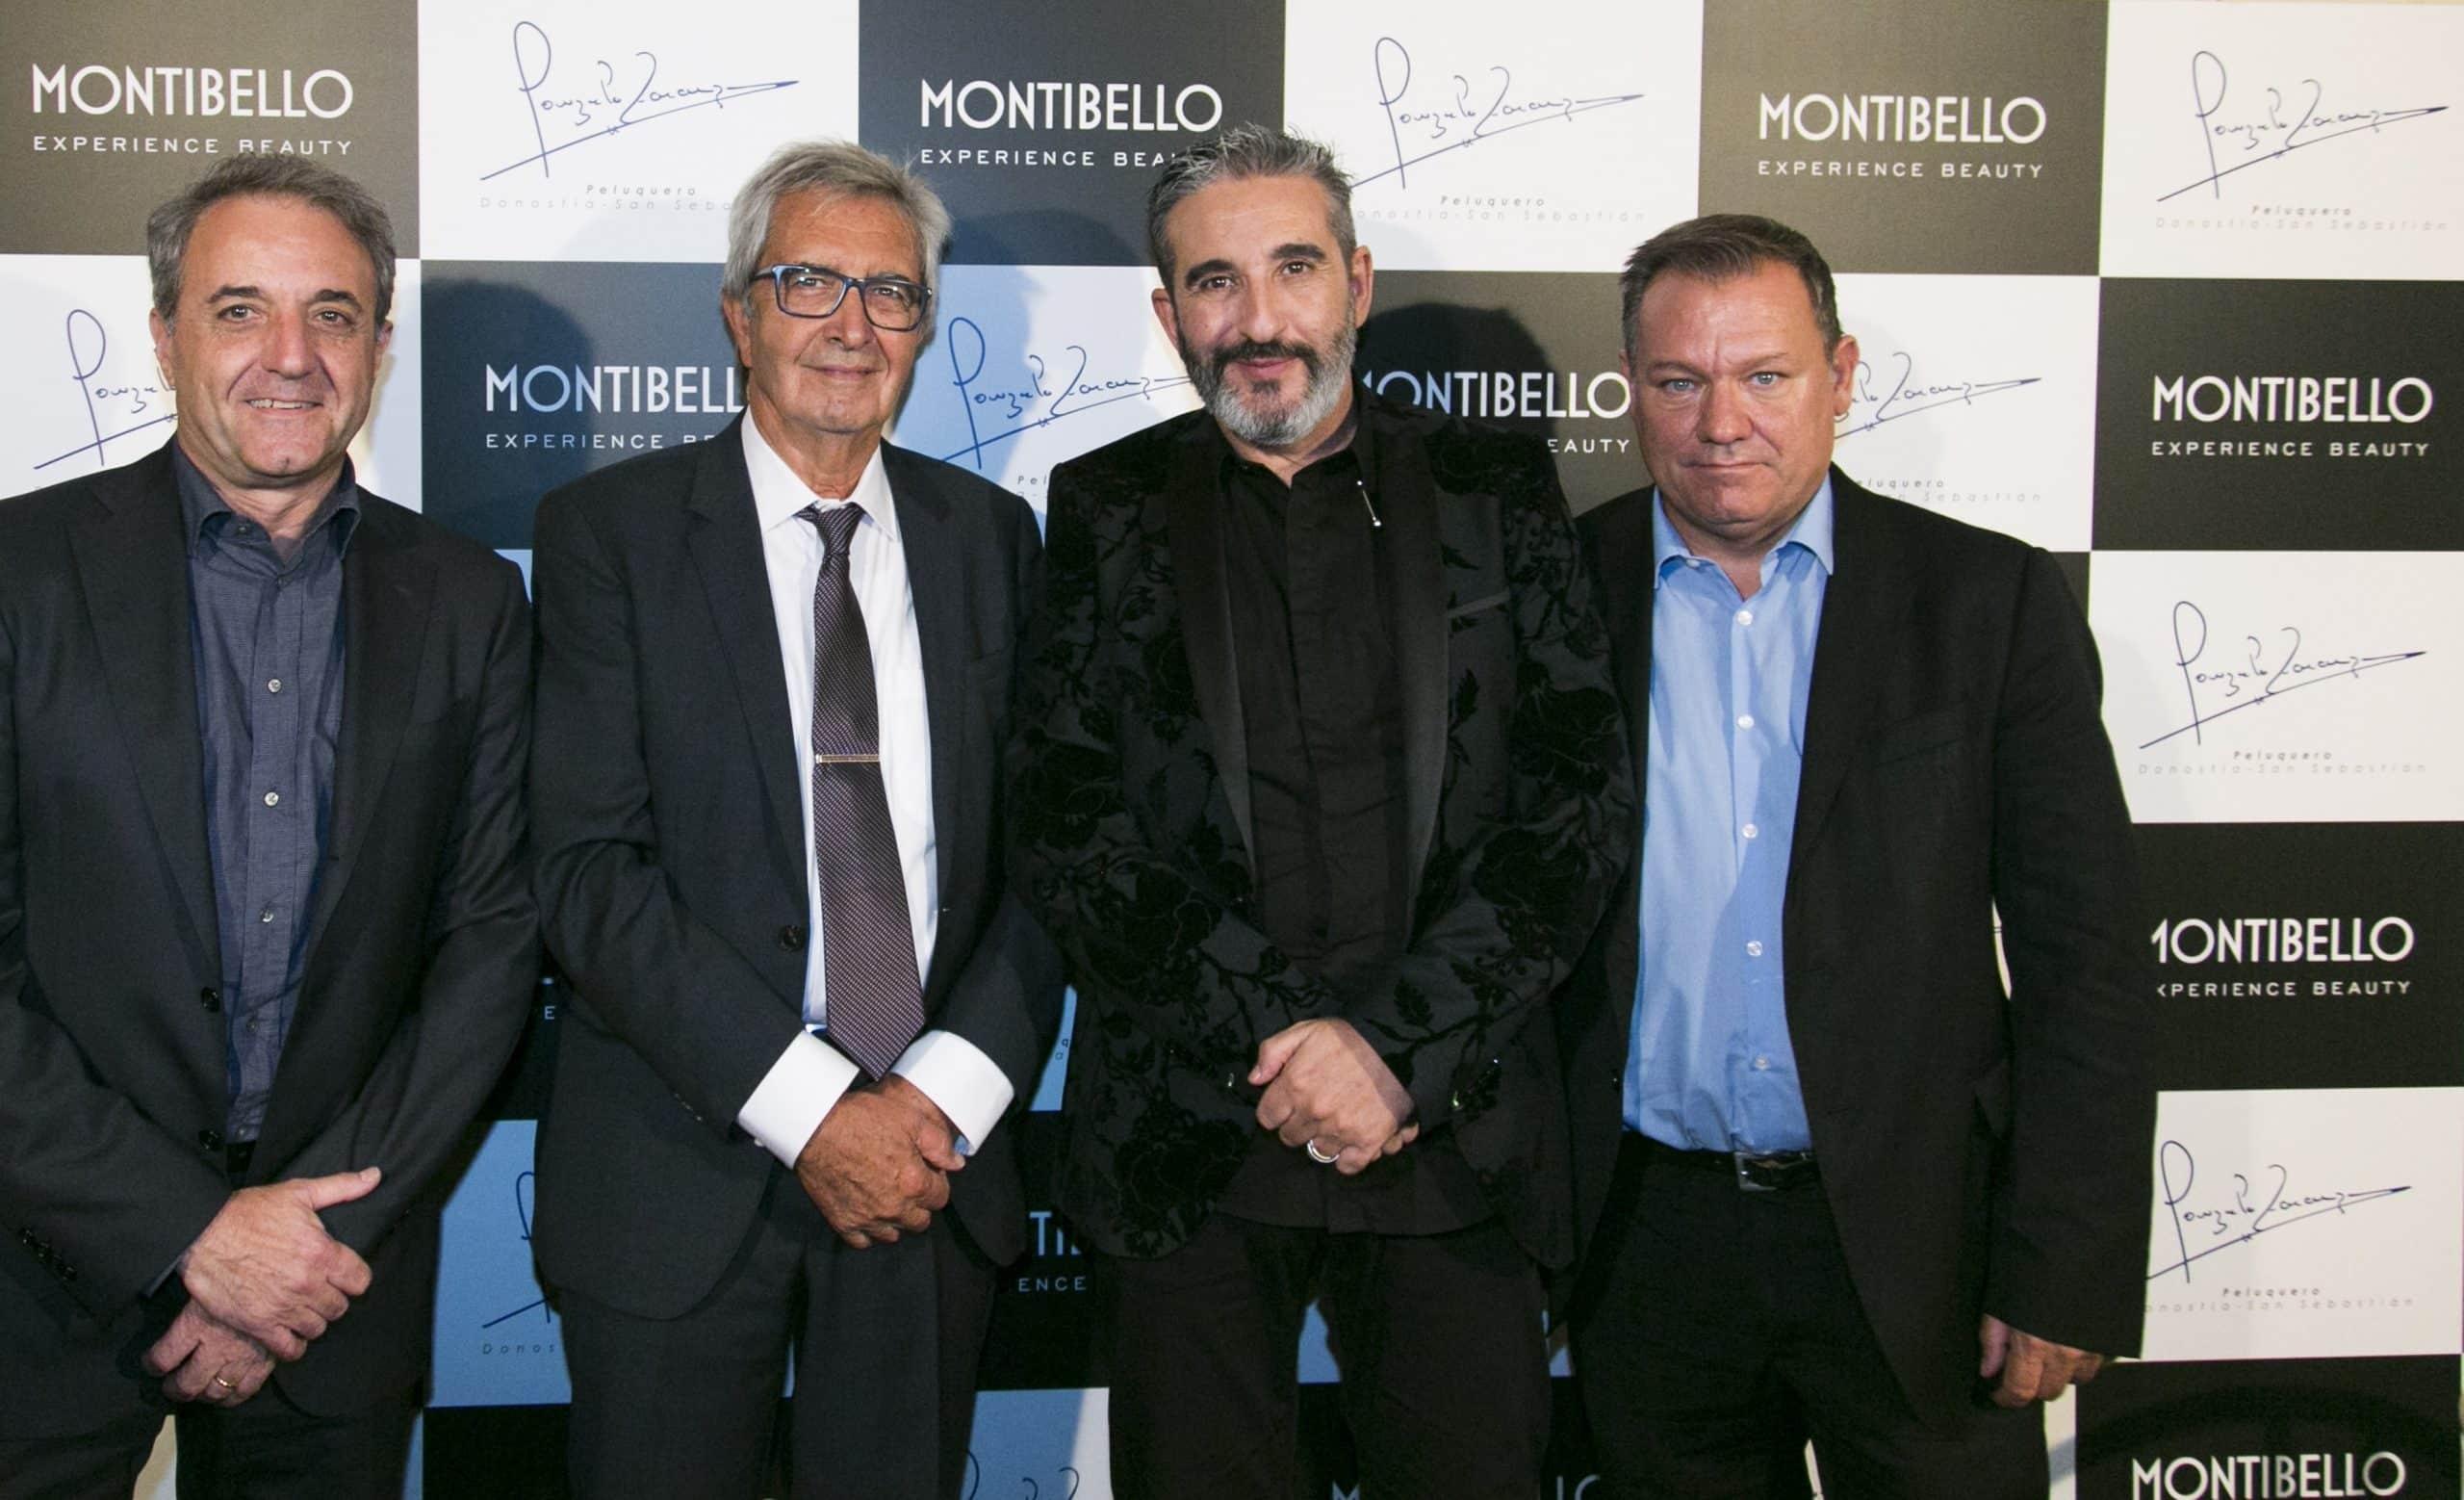 Acuerdo Gonzalo Zarauza nuevo embajador de Montibello scaled